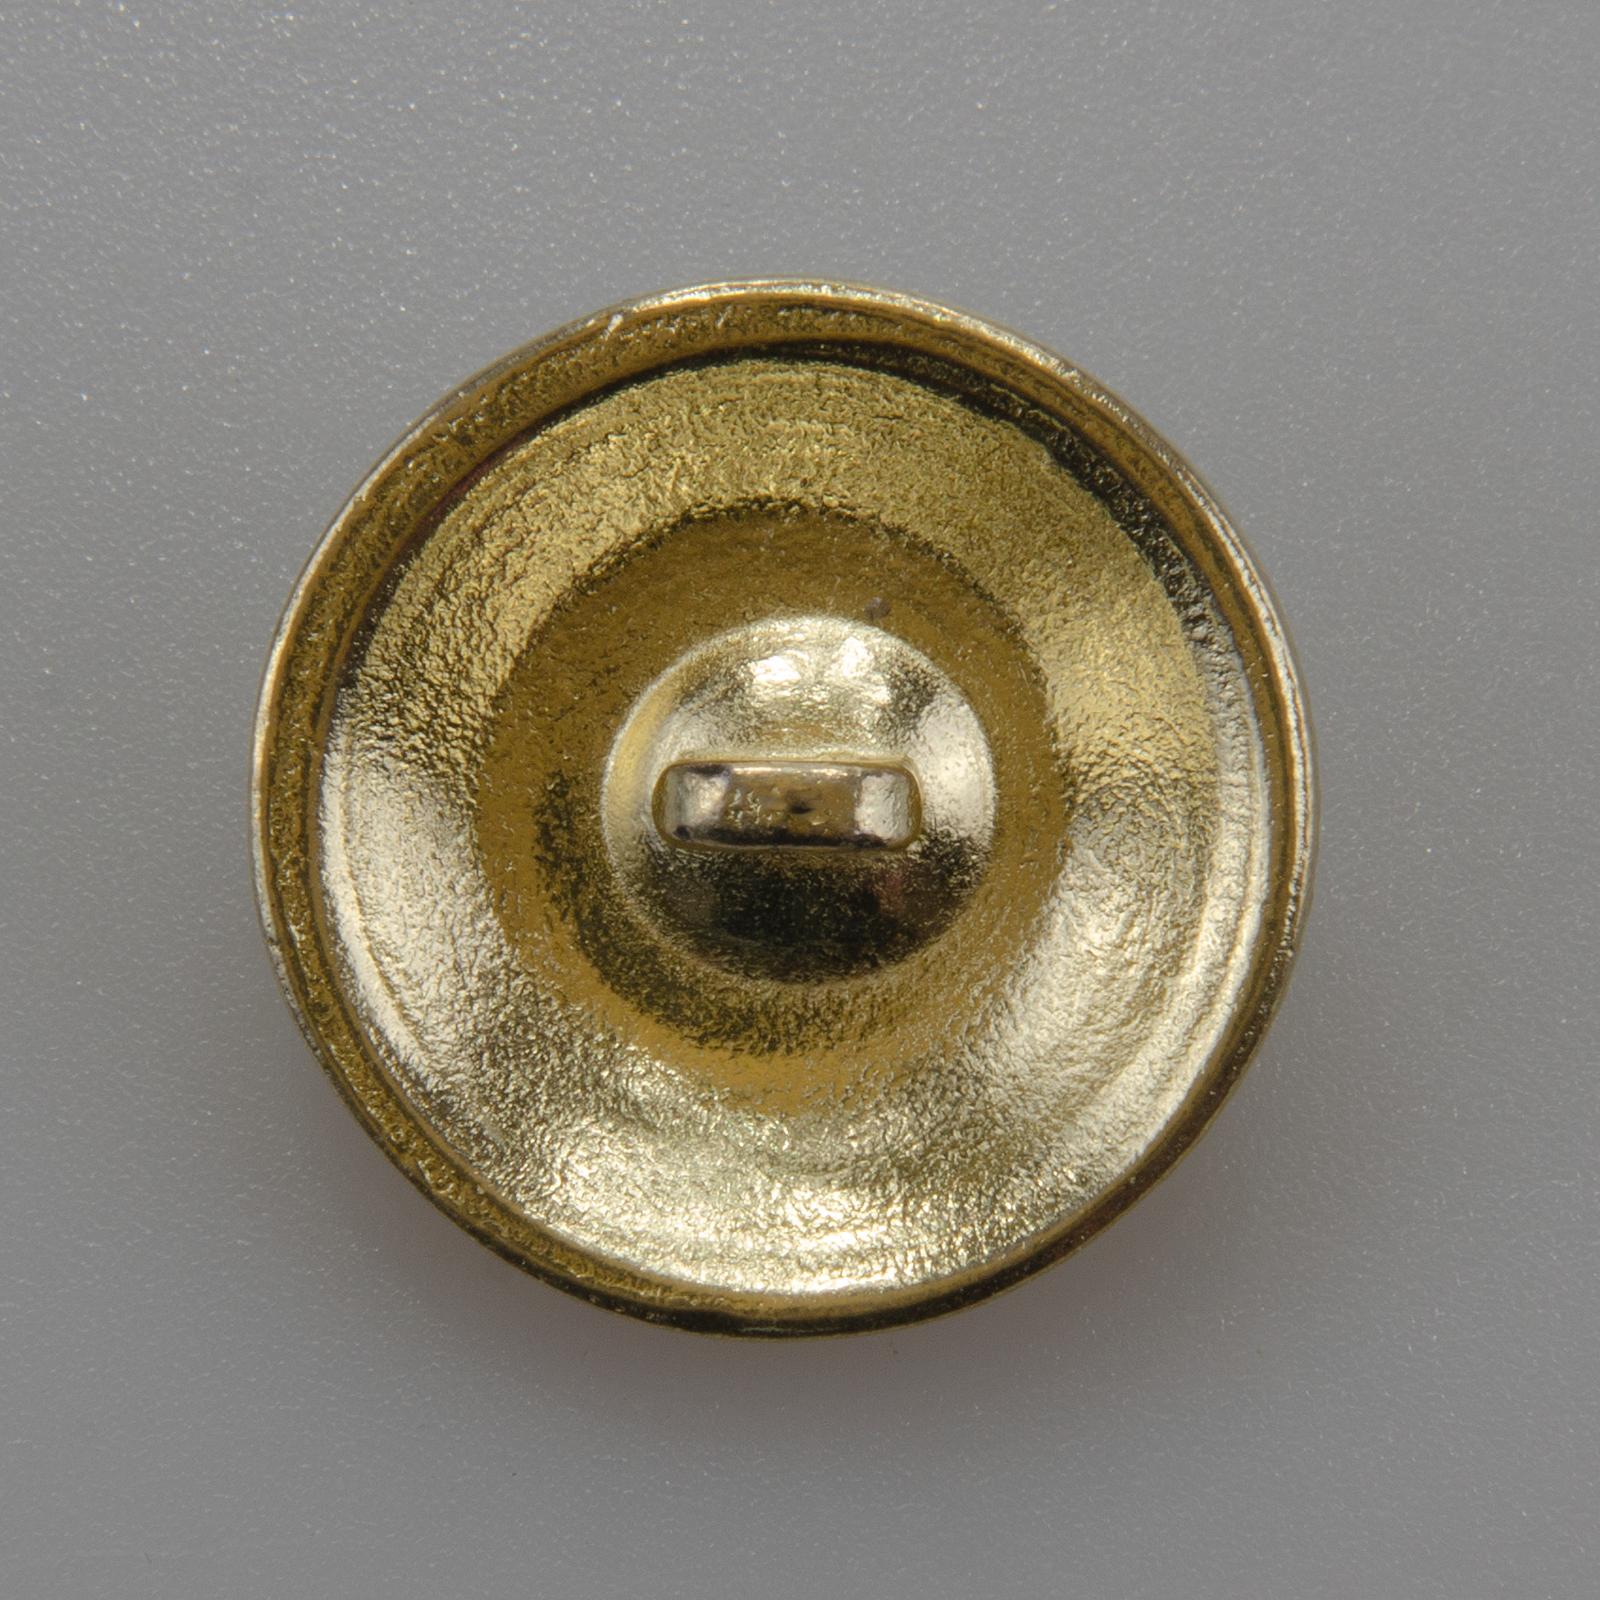 Marynarski guzik wojskowy wzór 2019 złoty śr. 22 mm ozdobny